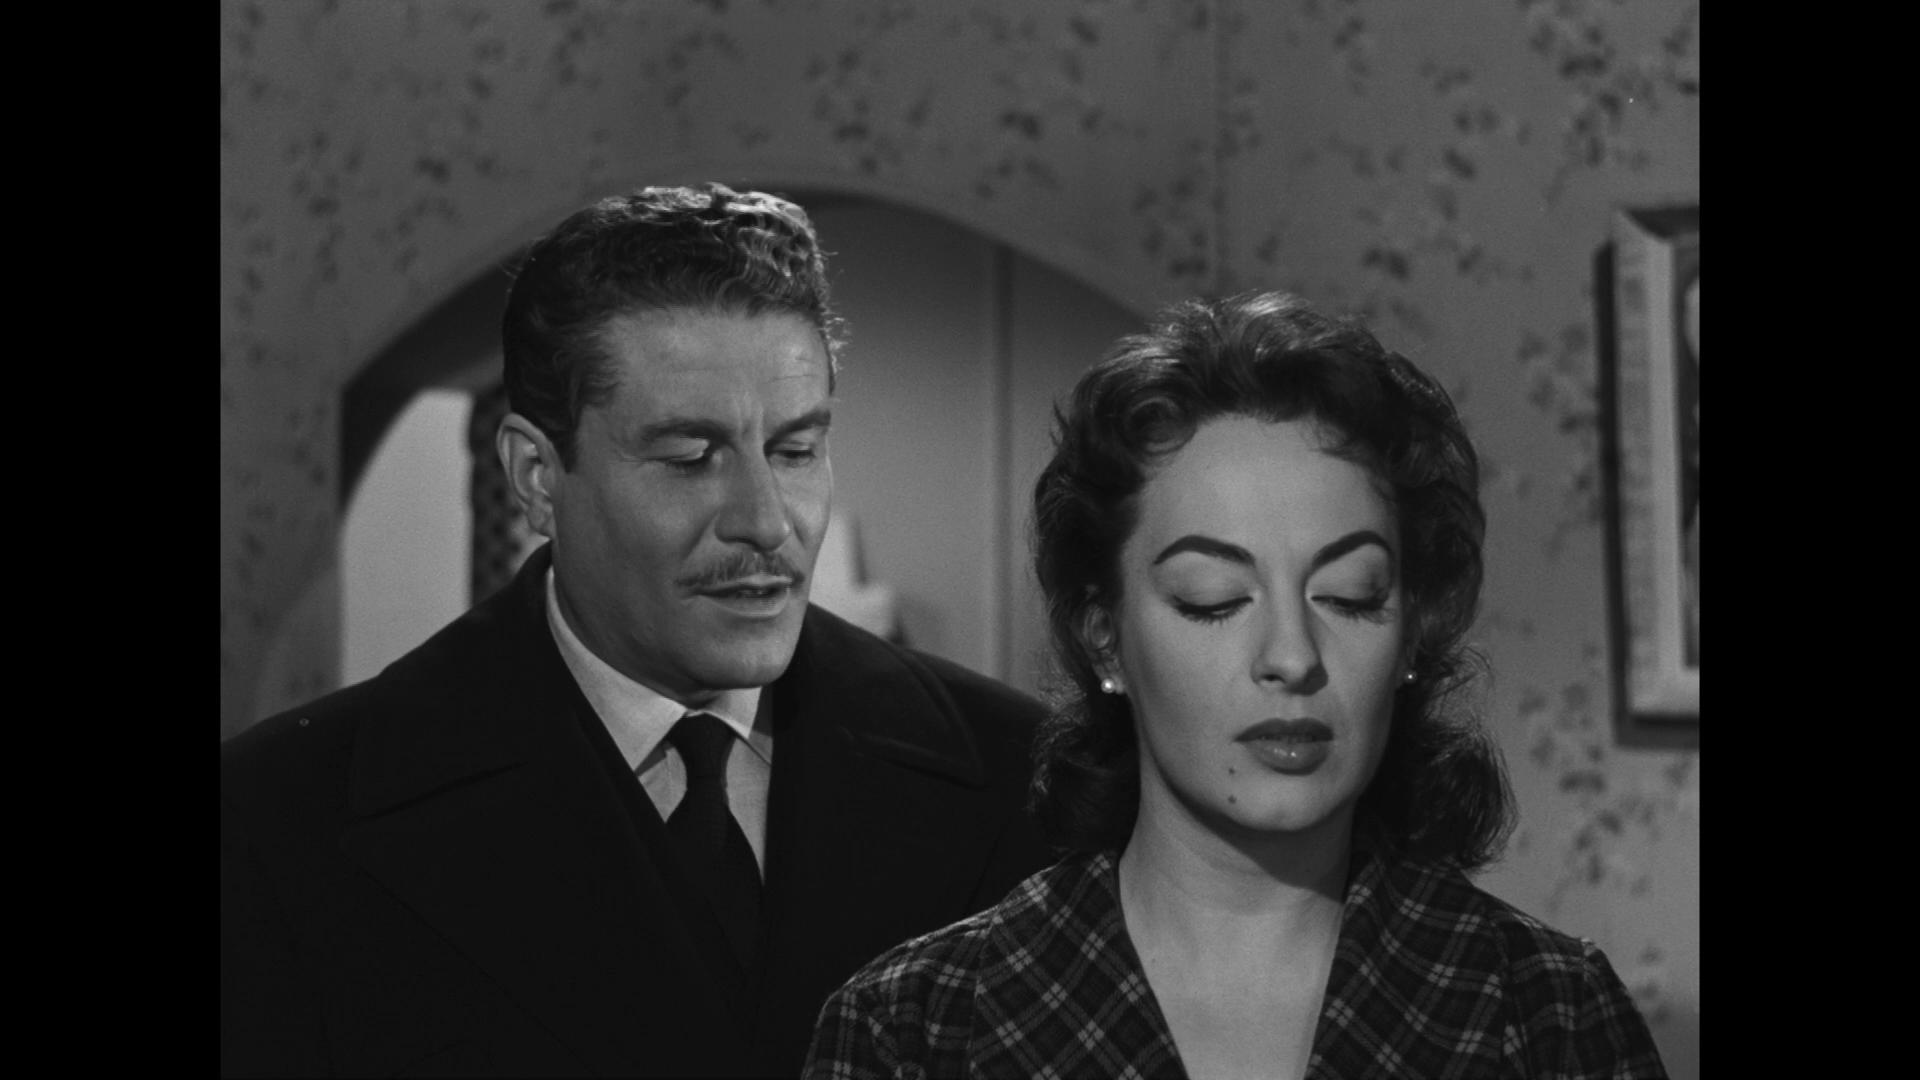 Amedeo Nazzari et Yvonne Sanson dans le film Malinconico autunno (1958) de Raffaello Matarazzo